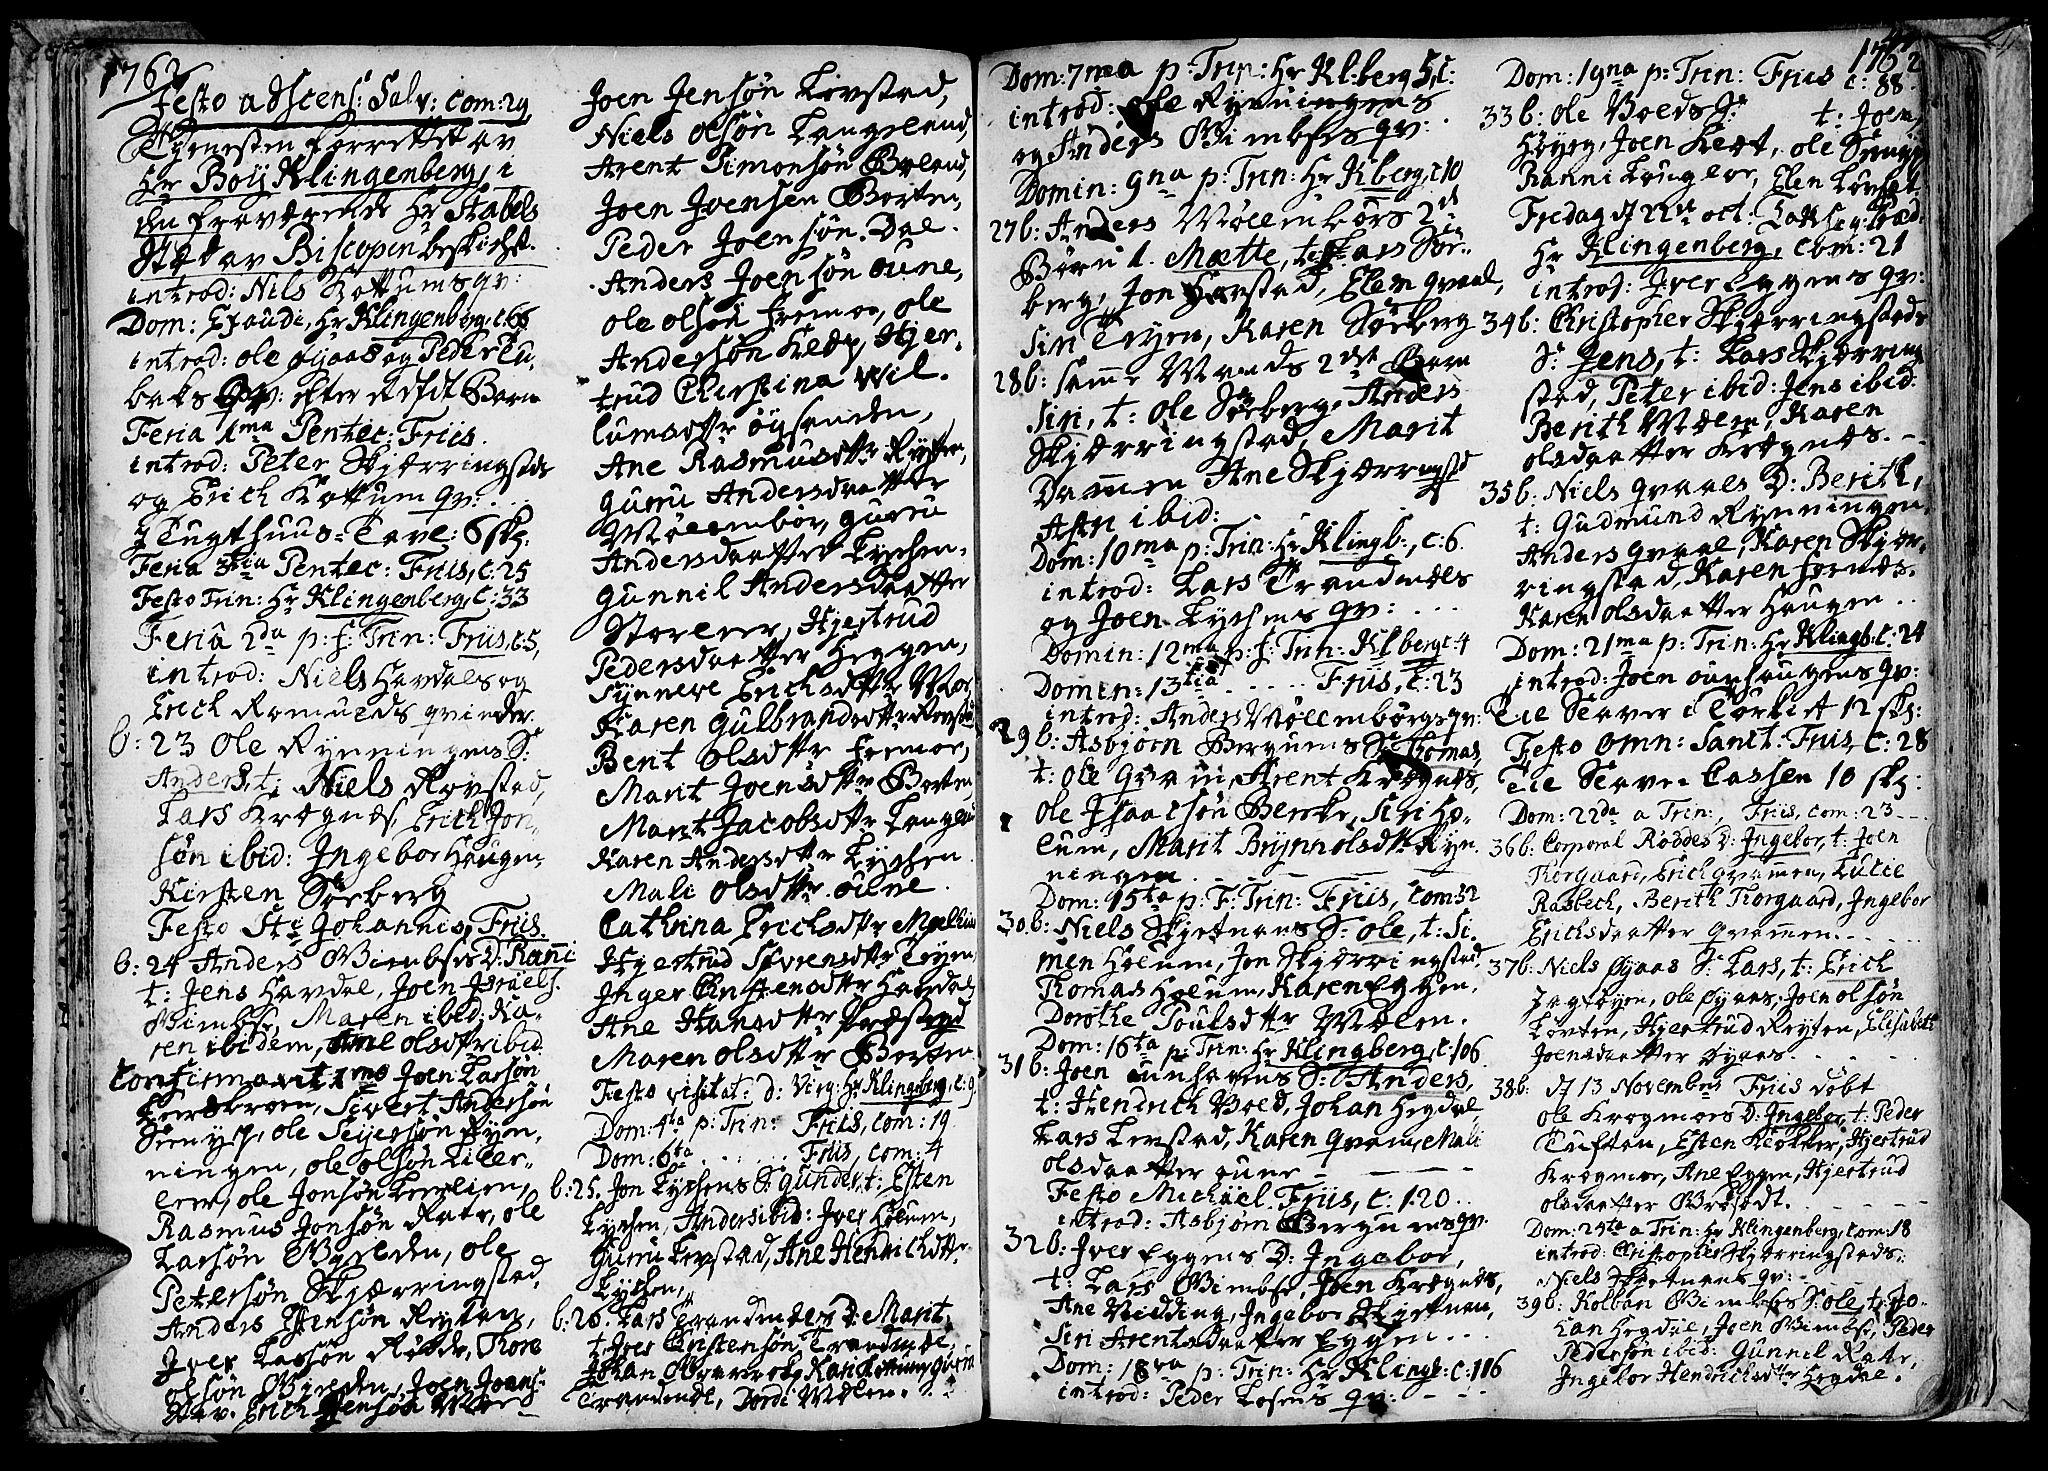 SAT, Ministerialprotokoller, klokkerbøker og fødselsregistre - Sør-Trøndelag, 691/L1057: Ministerialbok nr. 691A01 /1, 1740-1767, s. 44